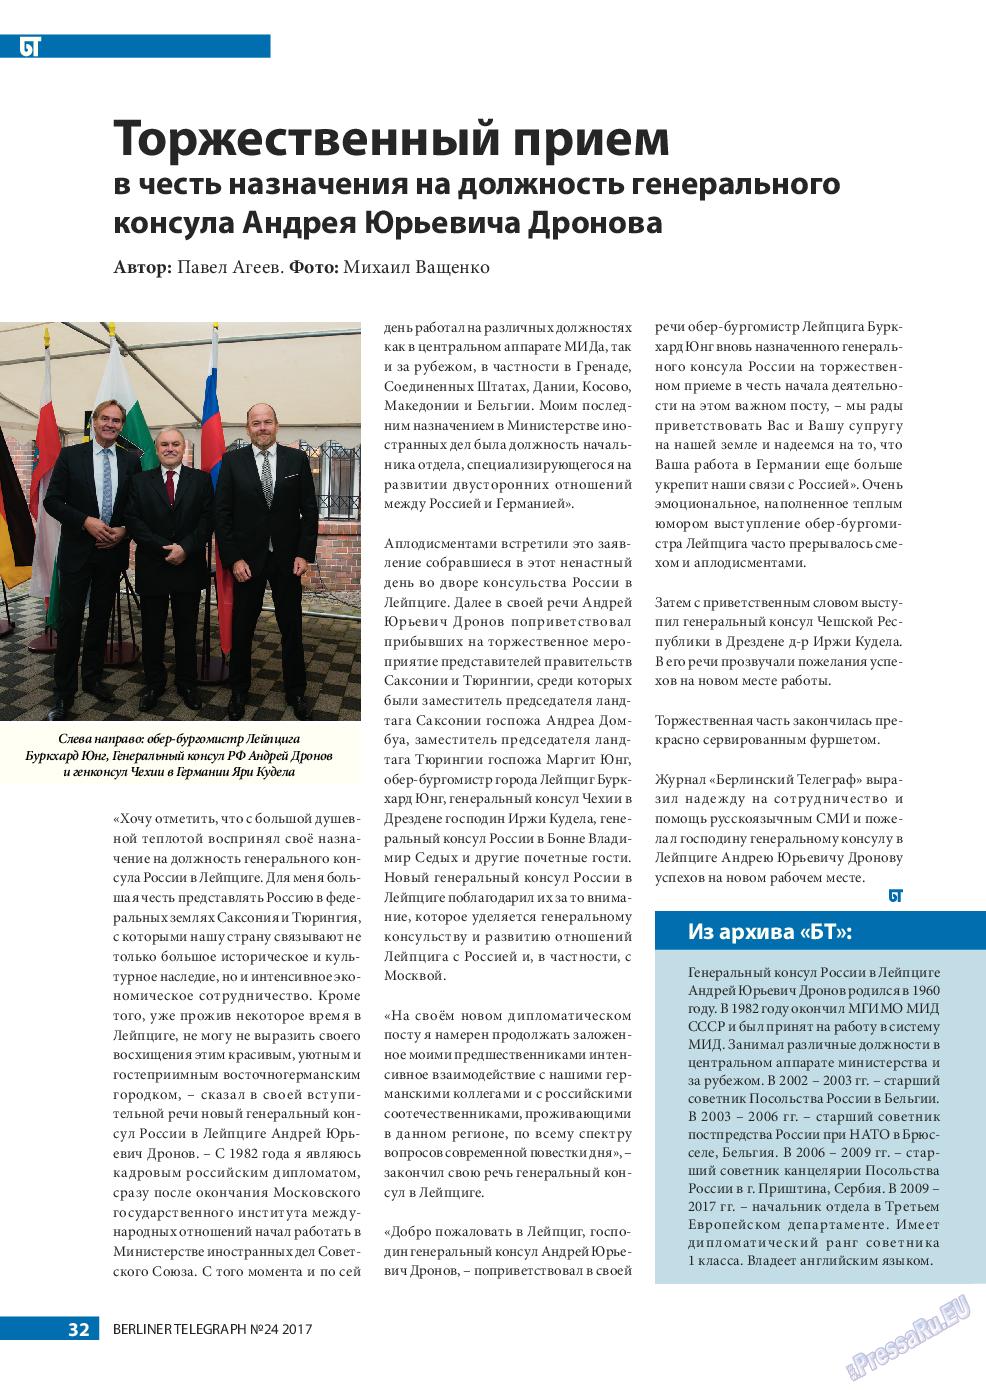 Берлинский телеграф (журнал). 2017 год, номер 24, стр. 32